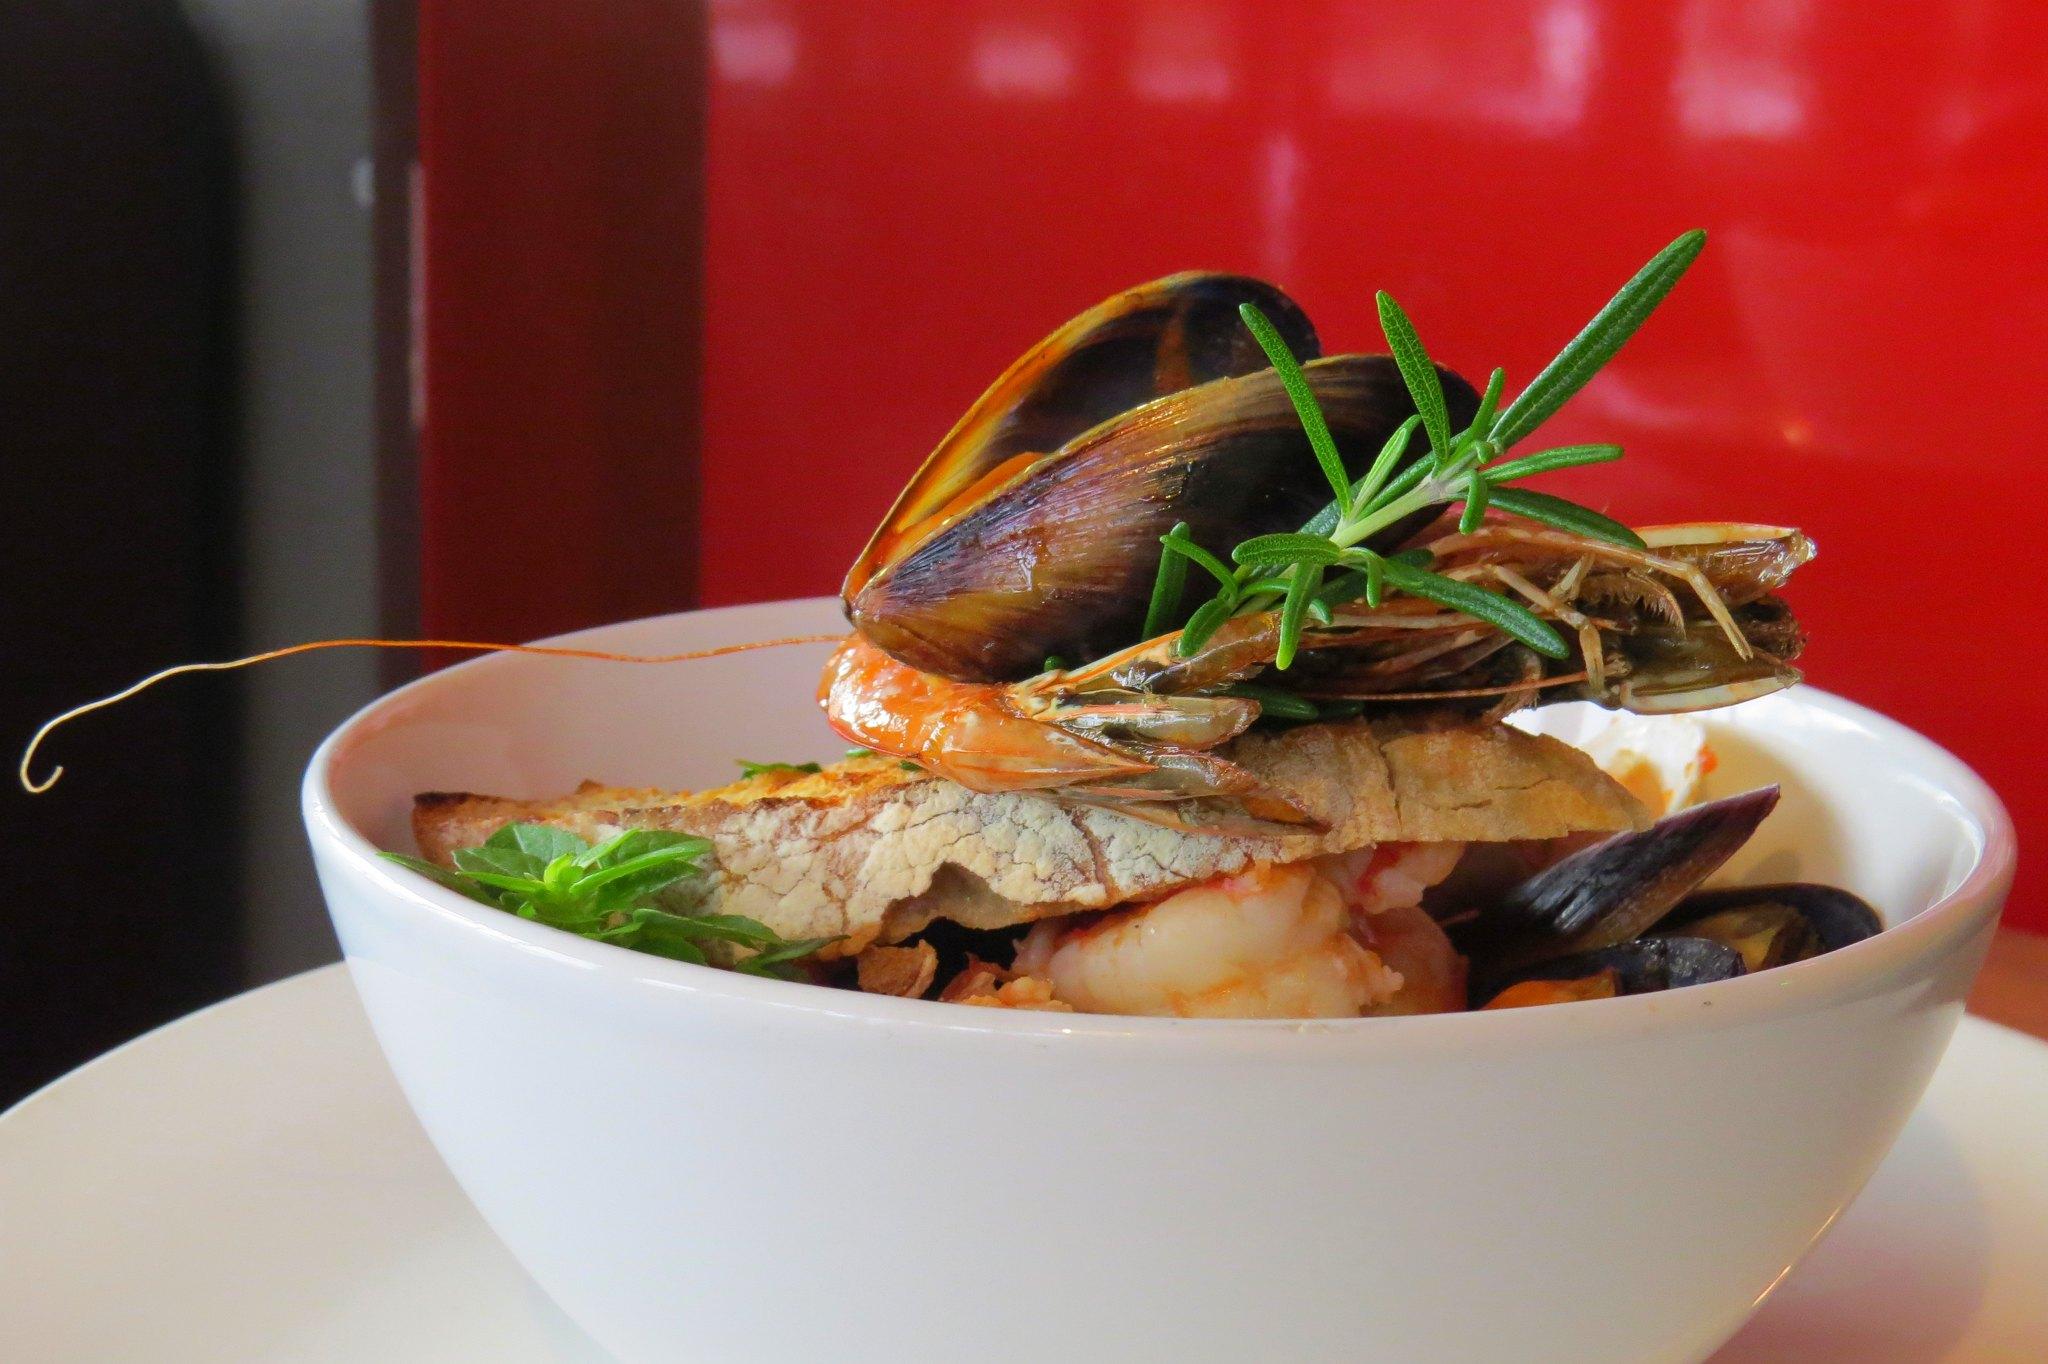 Zupa Frutti di mare - mix owoców morza, seler naciowy, grzanki ziołowe